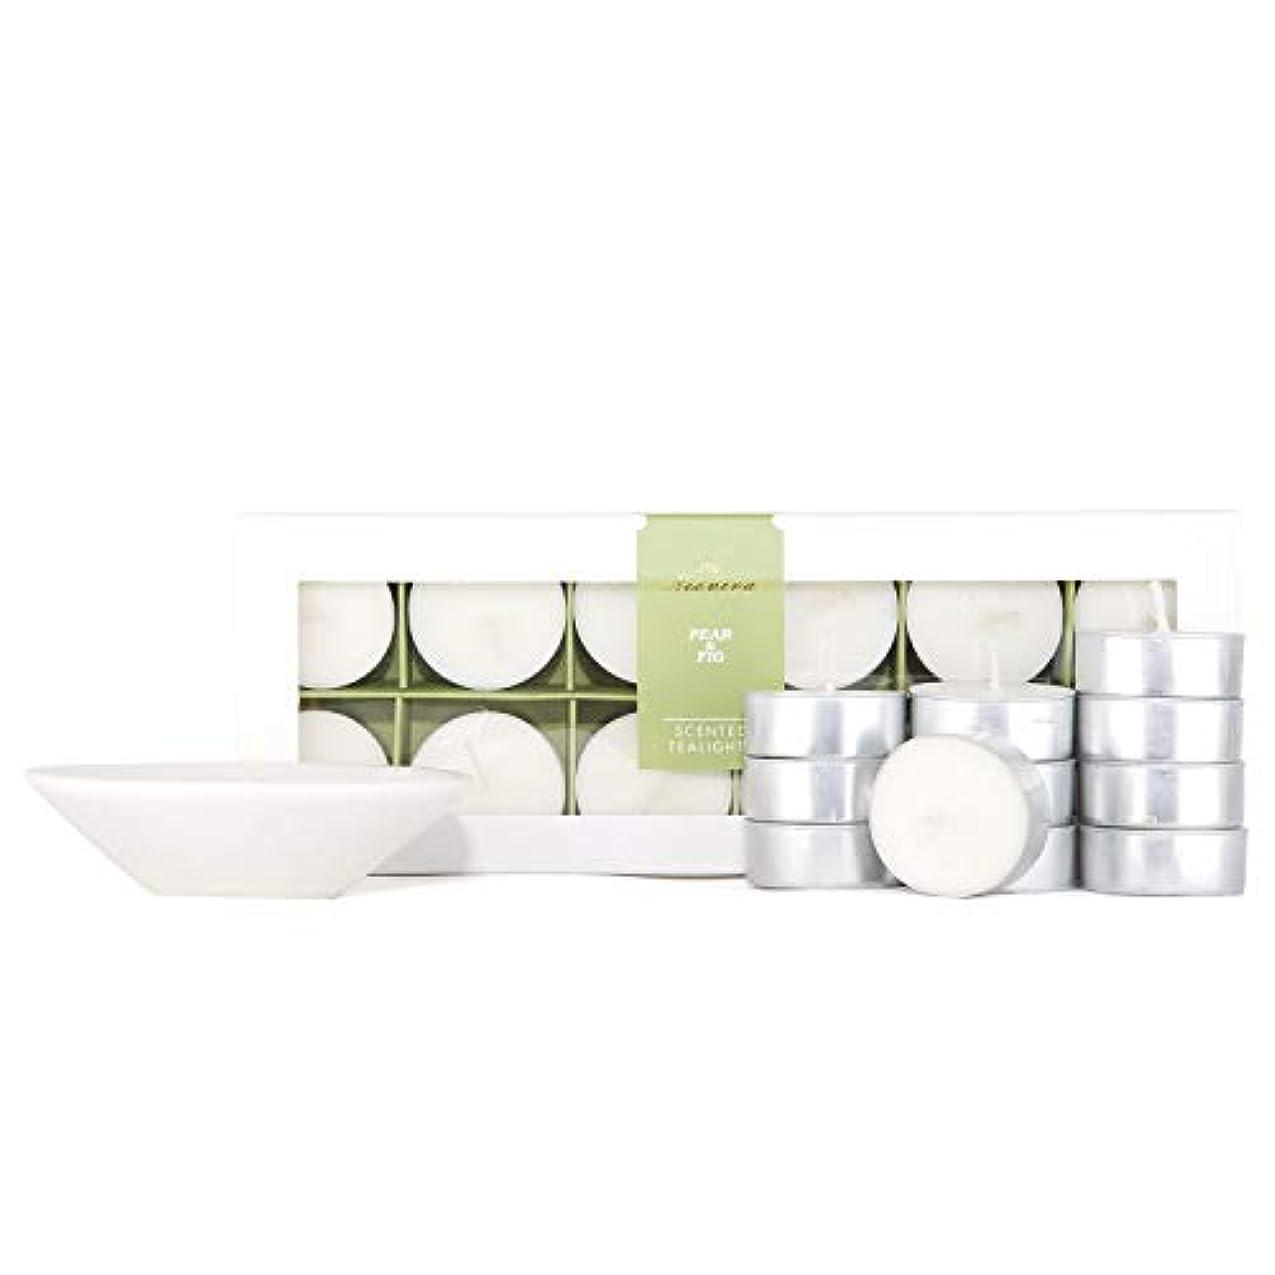 試用事業内容敷居NEOVIVA HOME アロマテラピーキャンドル 100%天然エッセンシャルオイル 香り付きキャンドル 大豆ワックス ストレス解消 アロマセラピー用 ギフトセット 12パック Pear&Fig